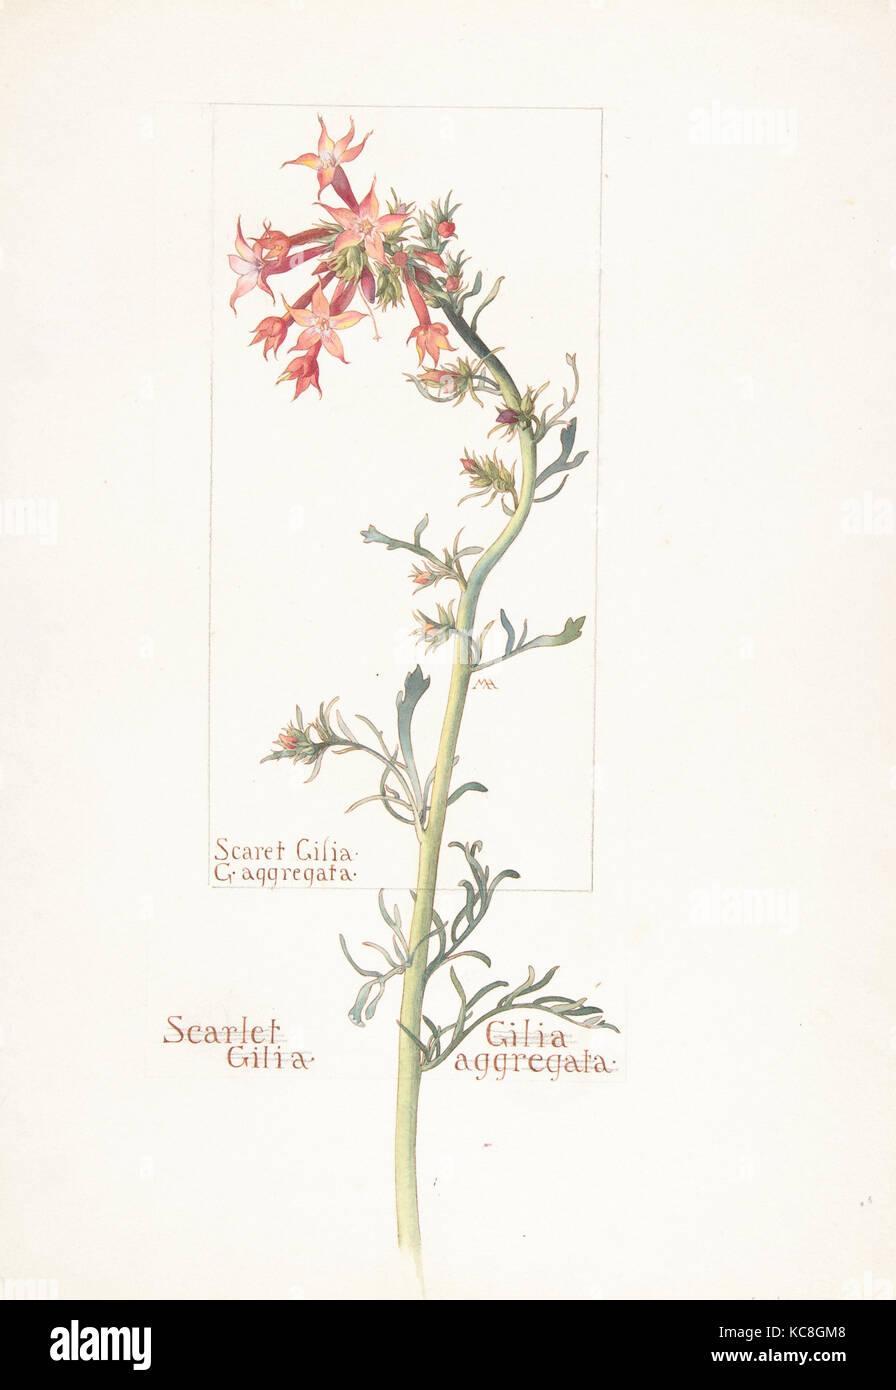 Scarlet Gilia, Gilila aggregata, Margaret Neilson Armstrong, May 18, 1913 - Stock Image